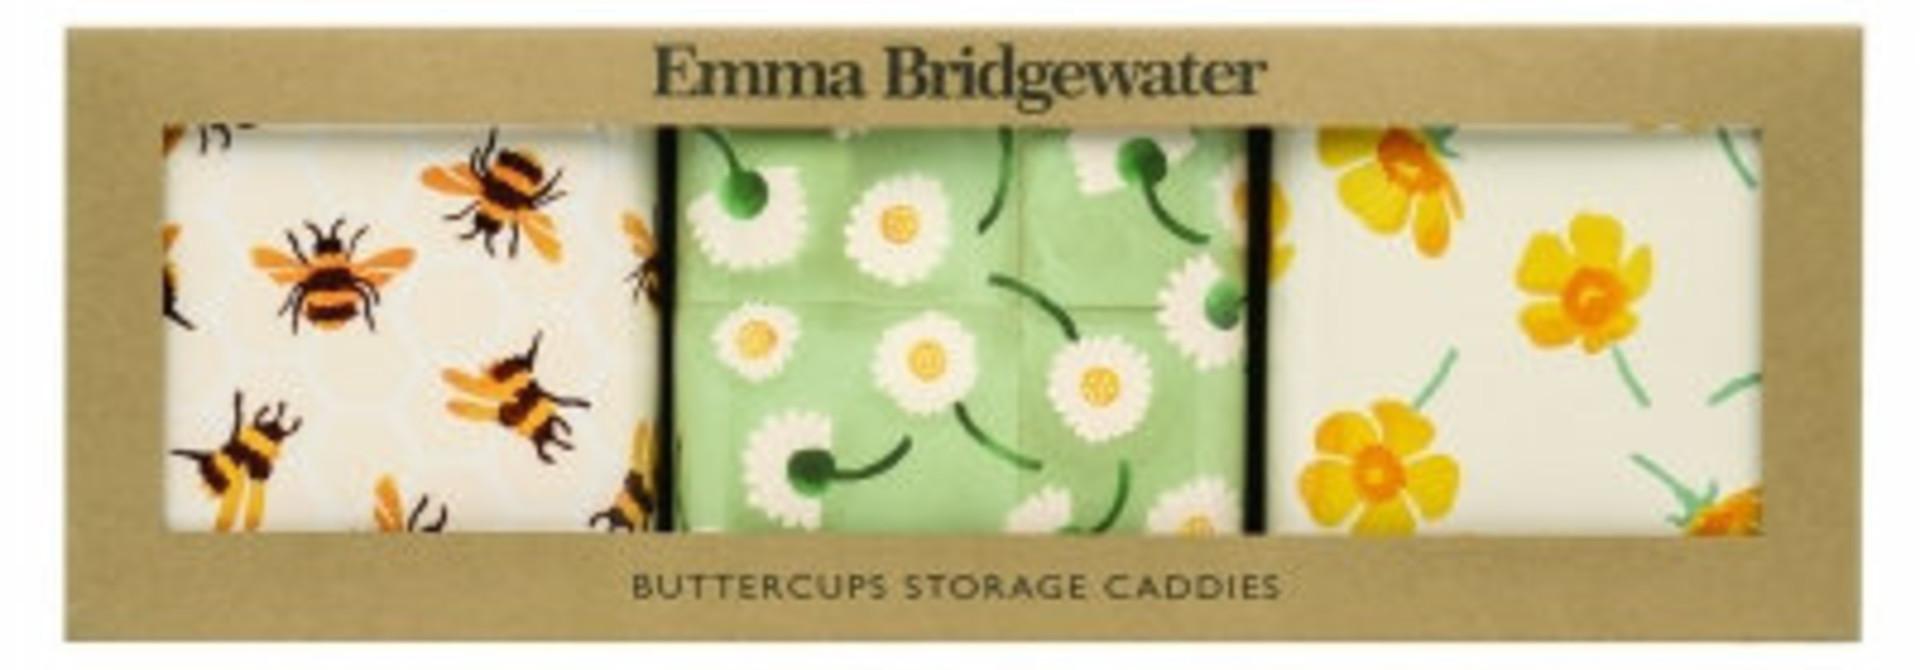 Square Caddies Set - Buttercup